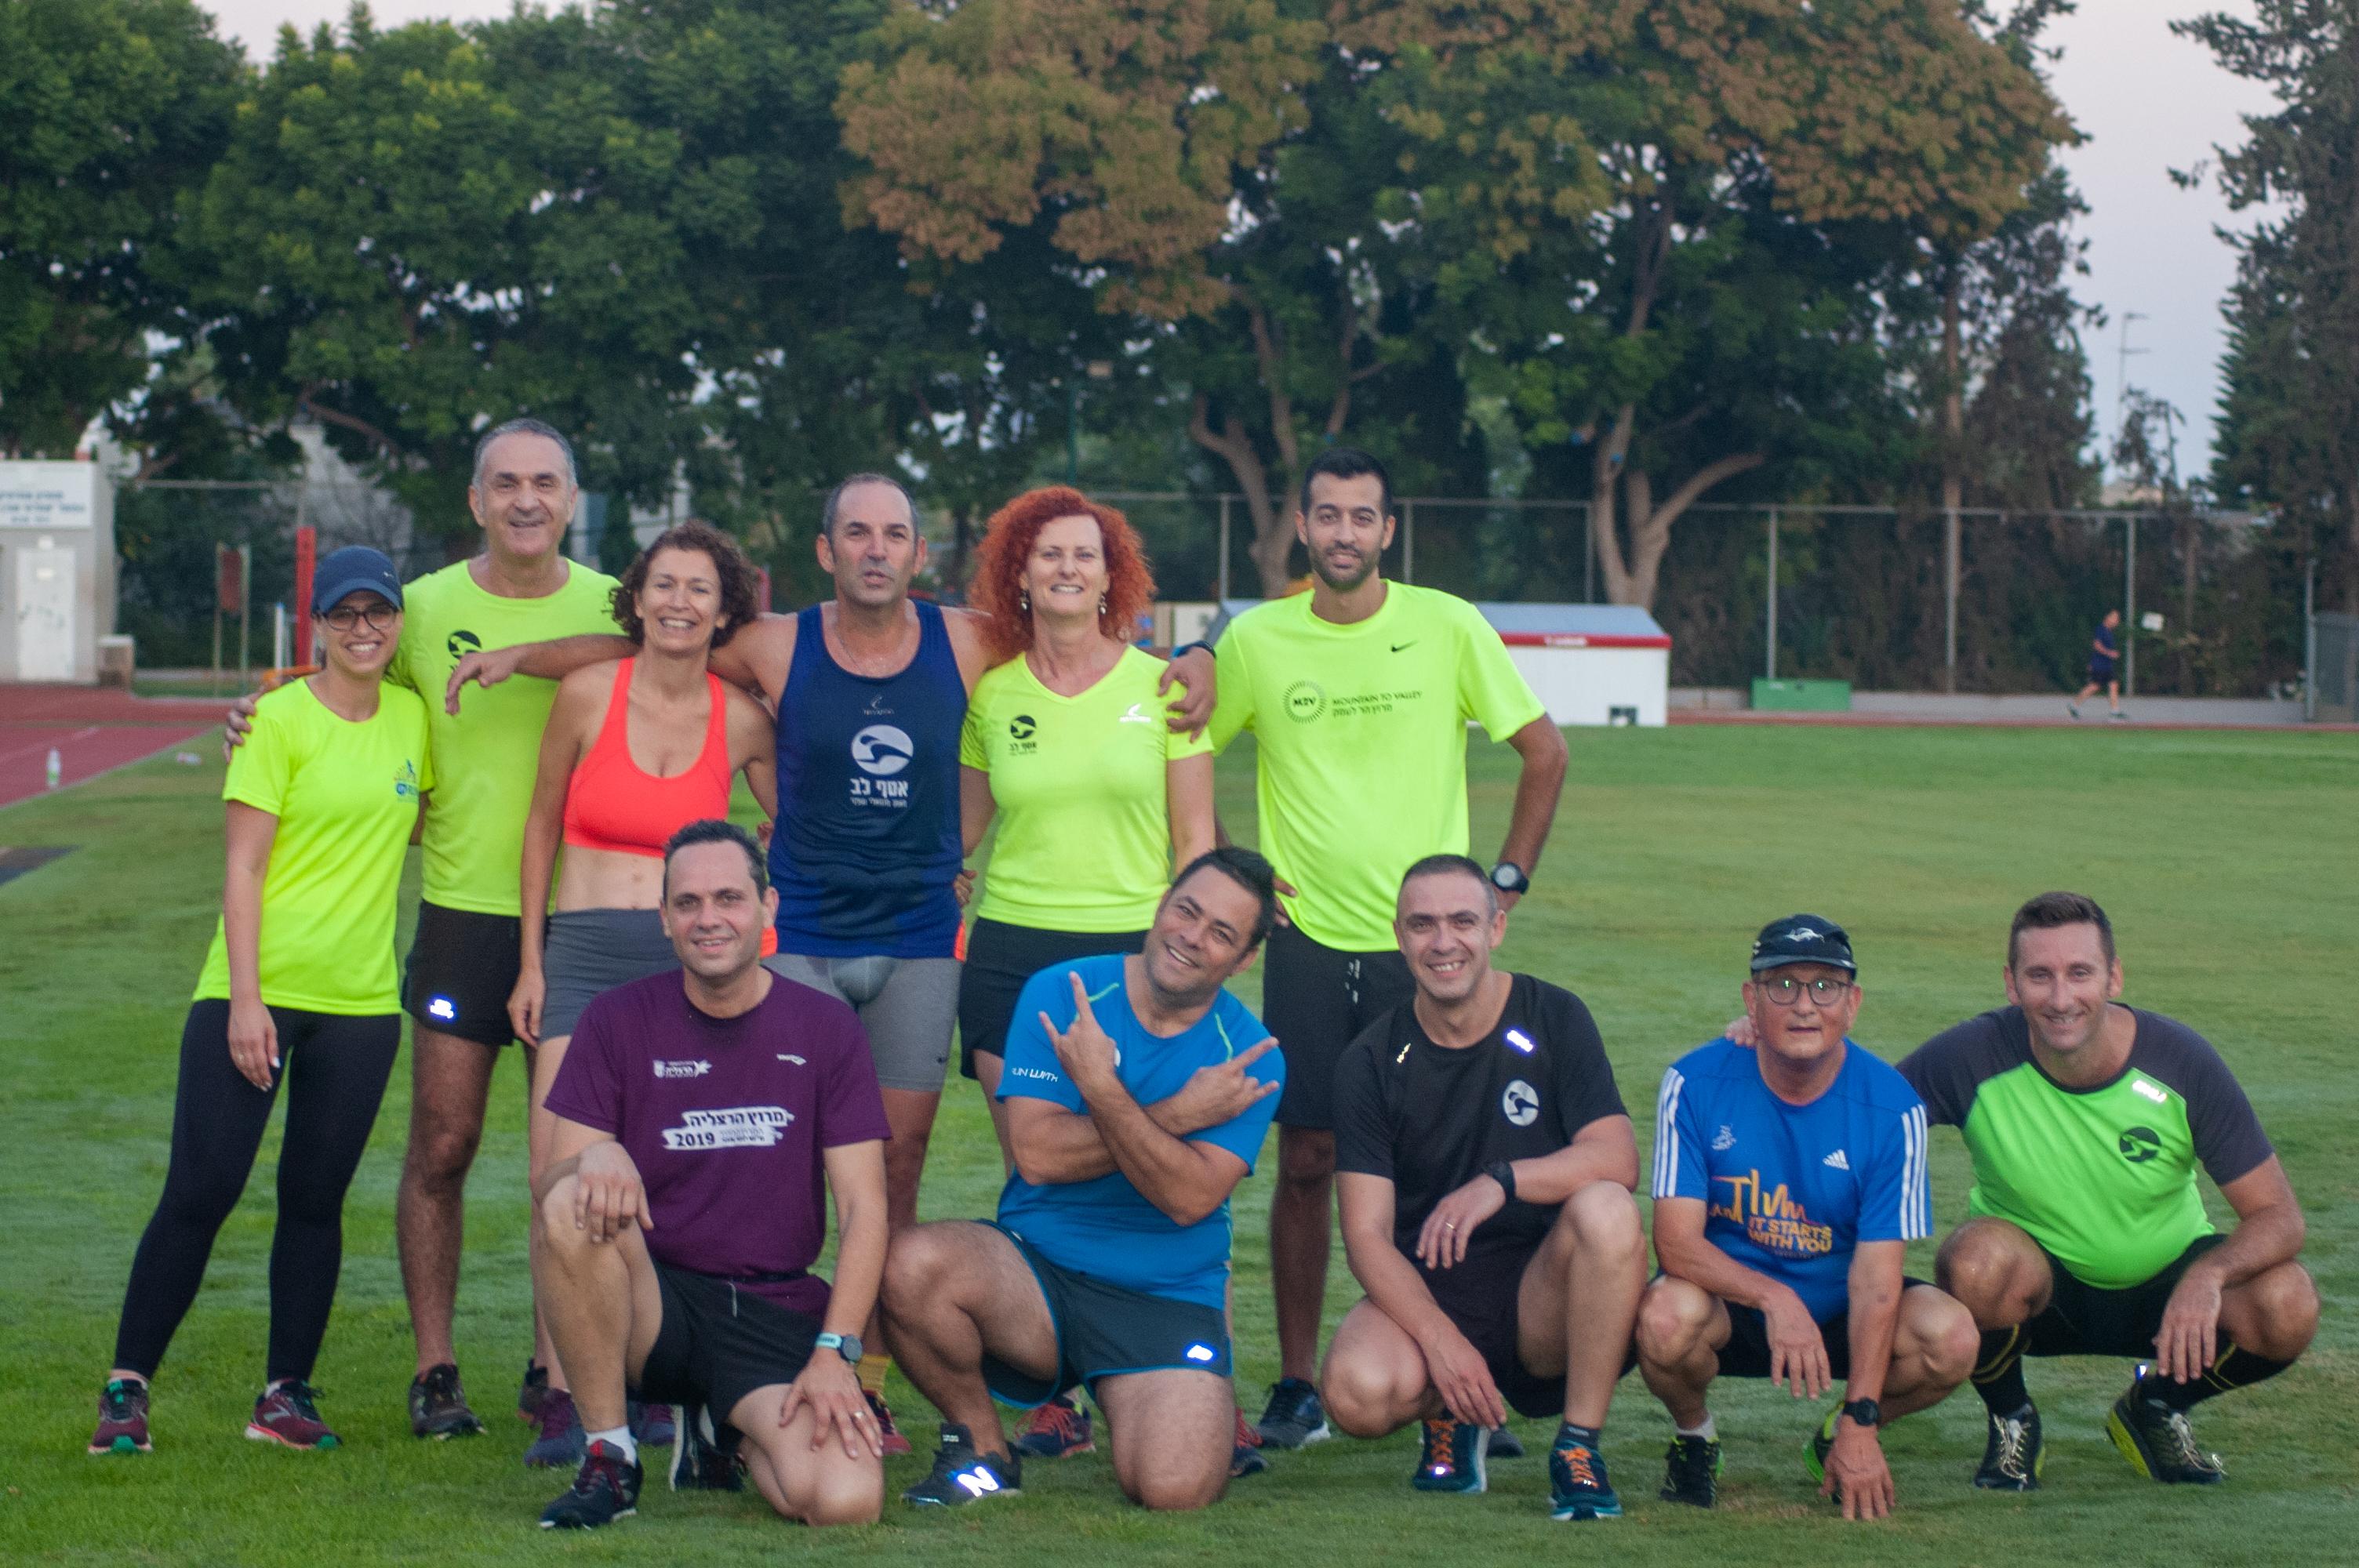 קבוצת ריצה!